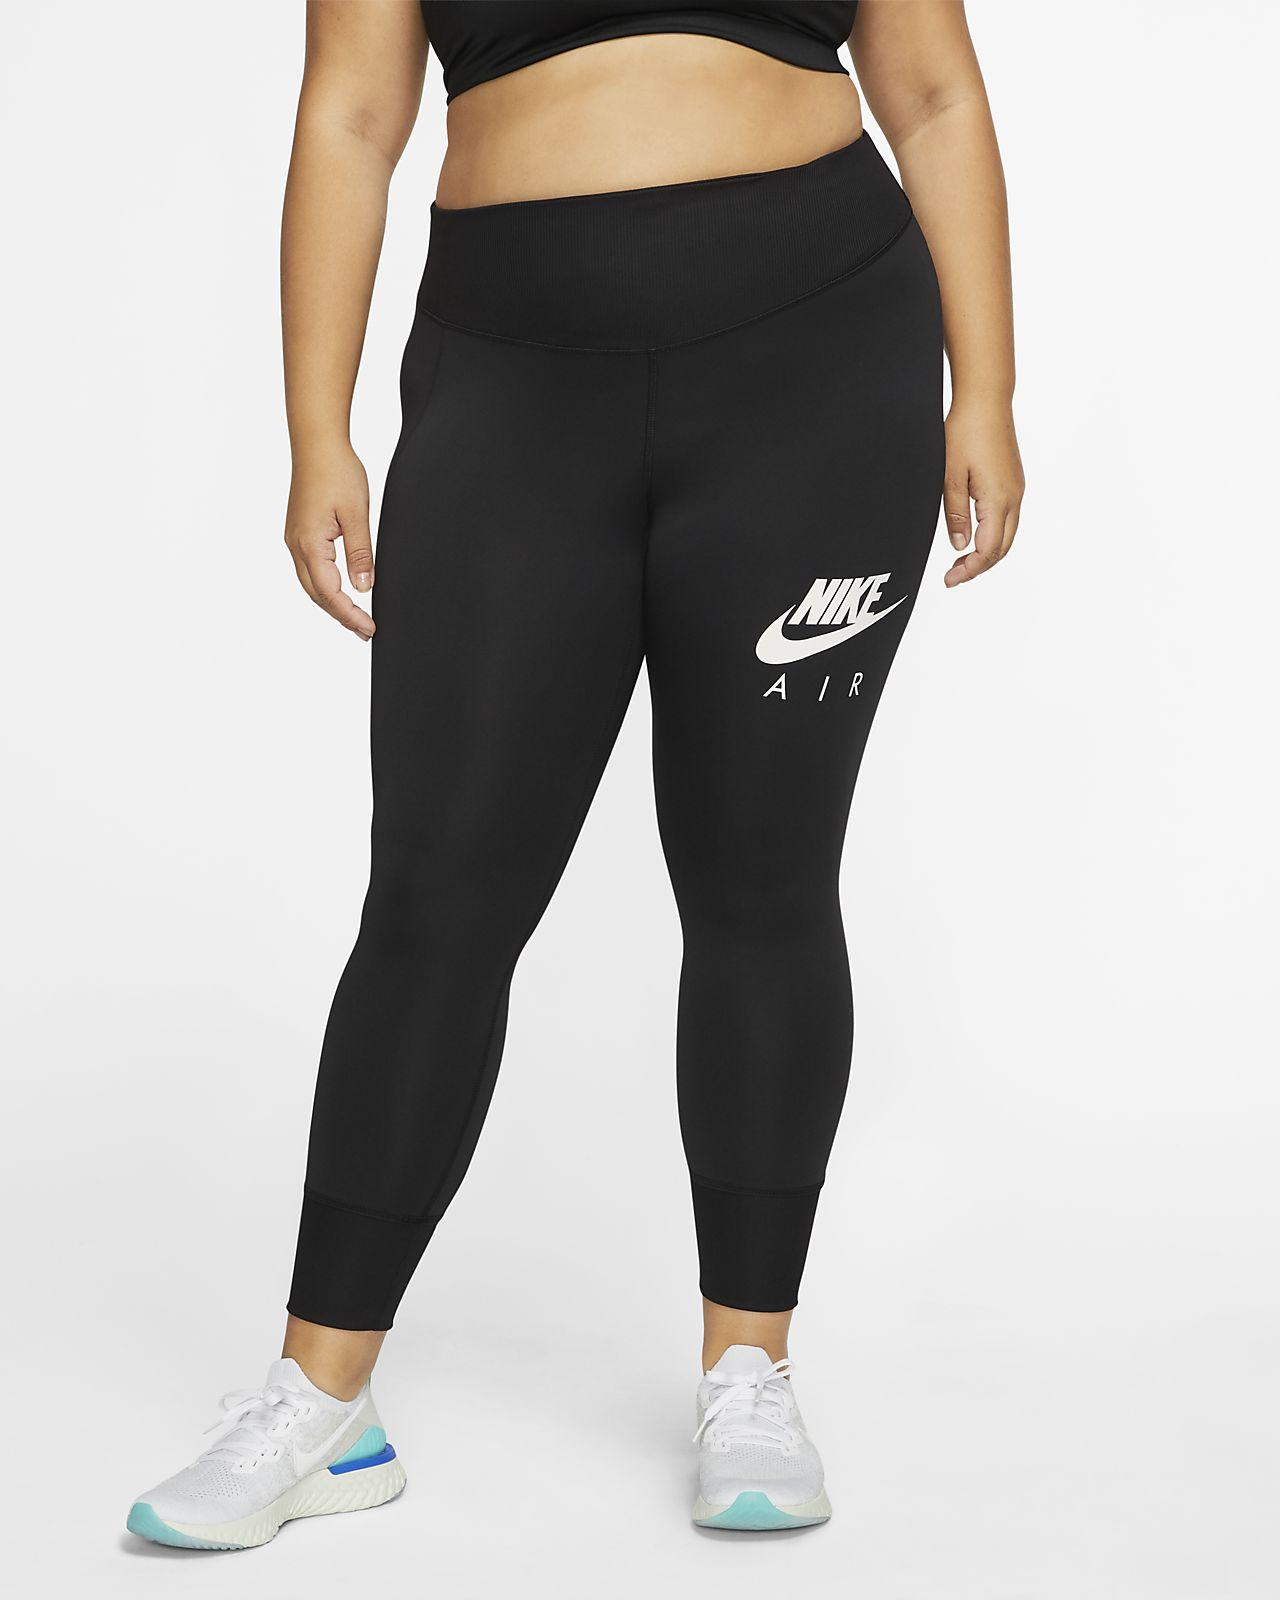 Damskie legginsy treningowe 7/8 Nike Fast (duże rozmiary)